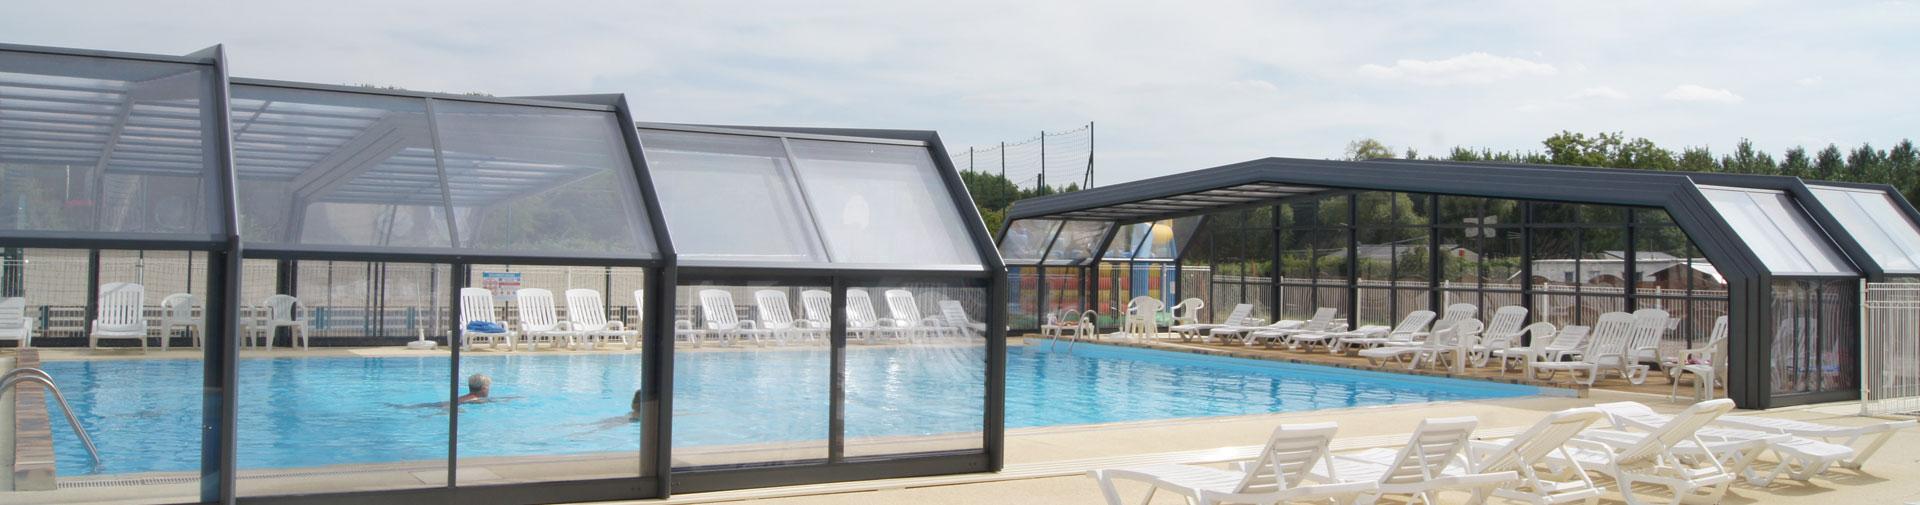 Camping avec piscine couverte en eure et loir camping for Camping quiberon piscine couverte